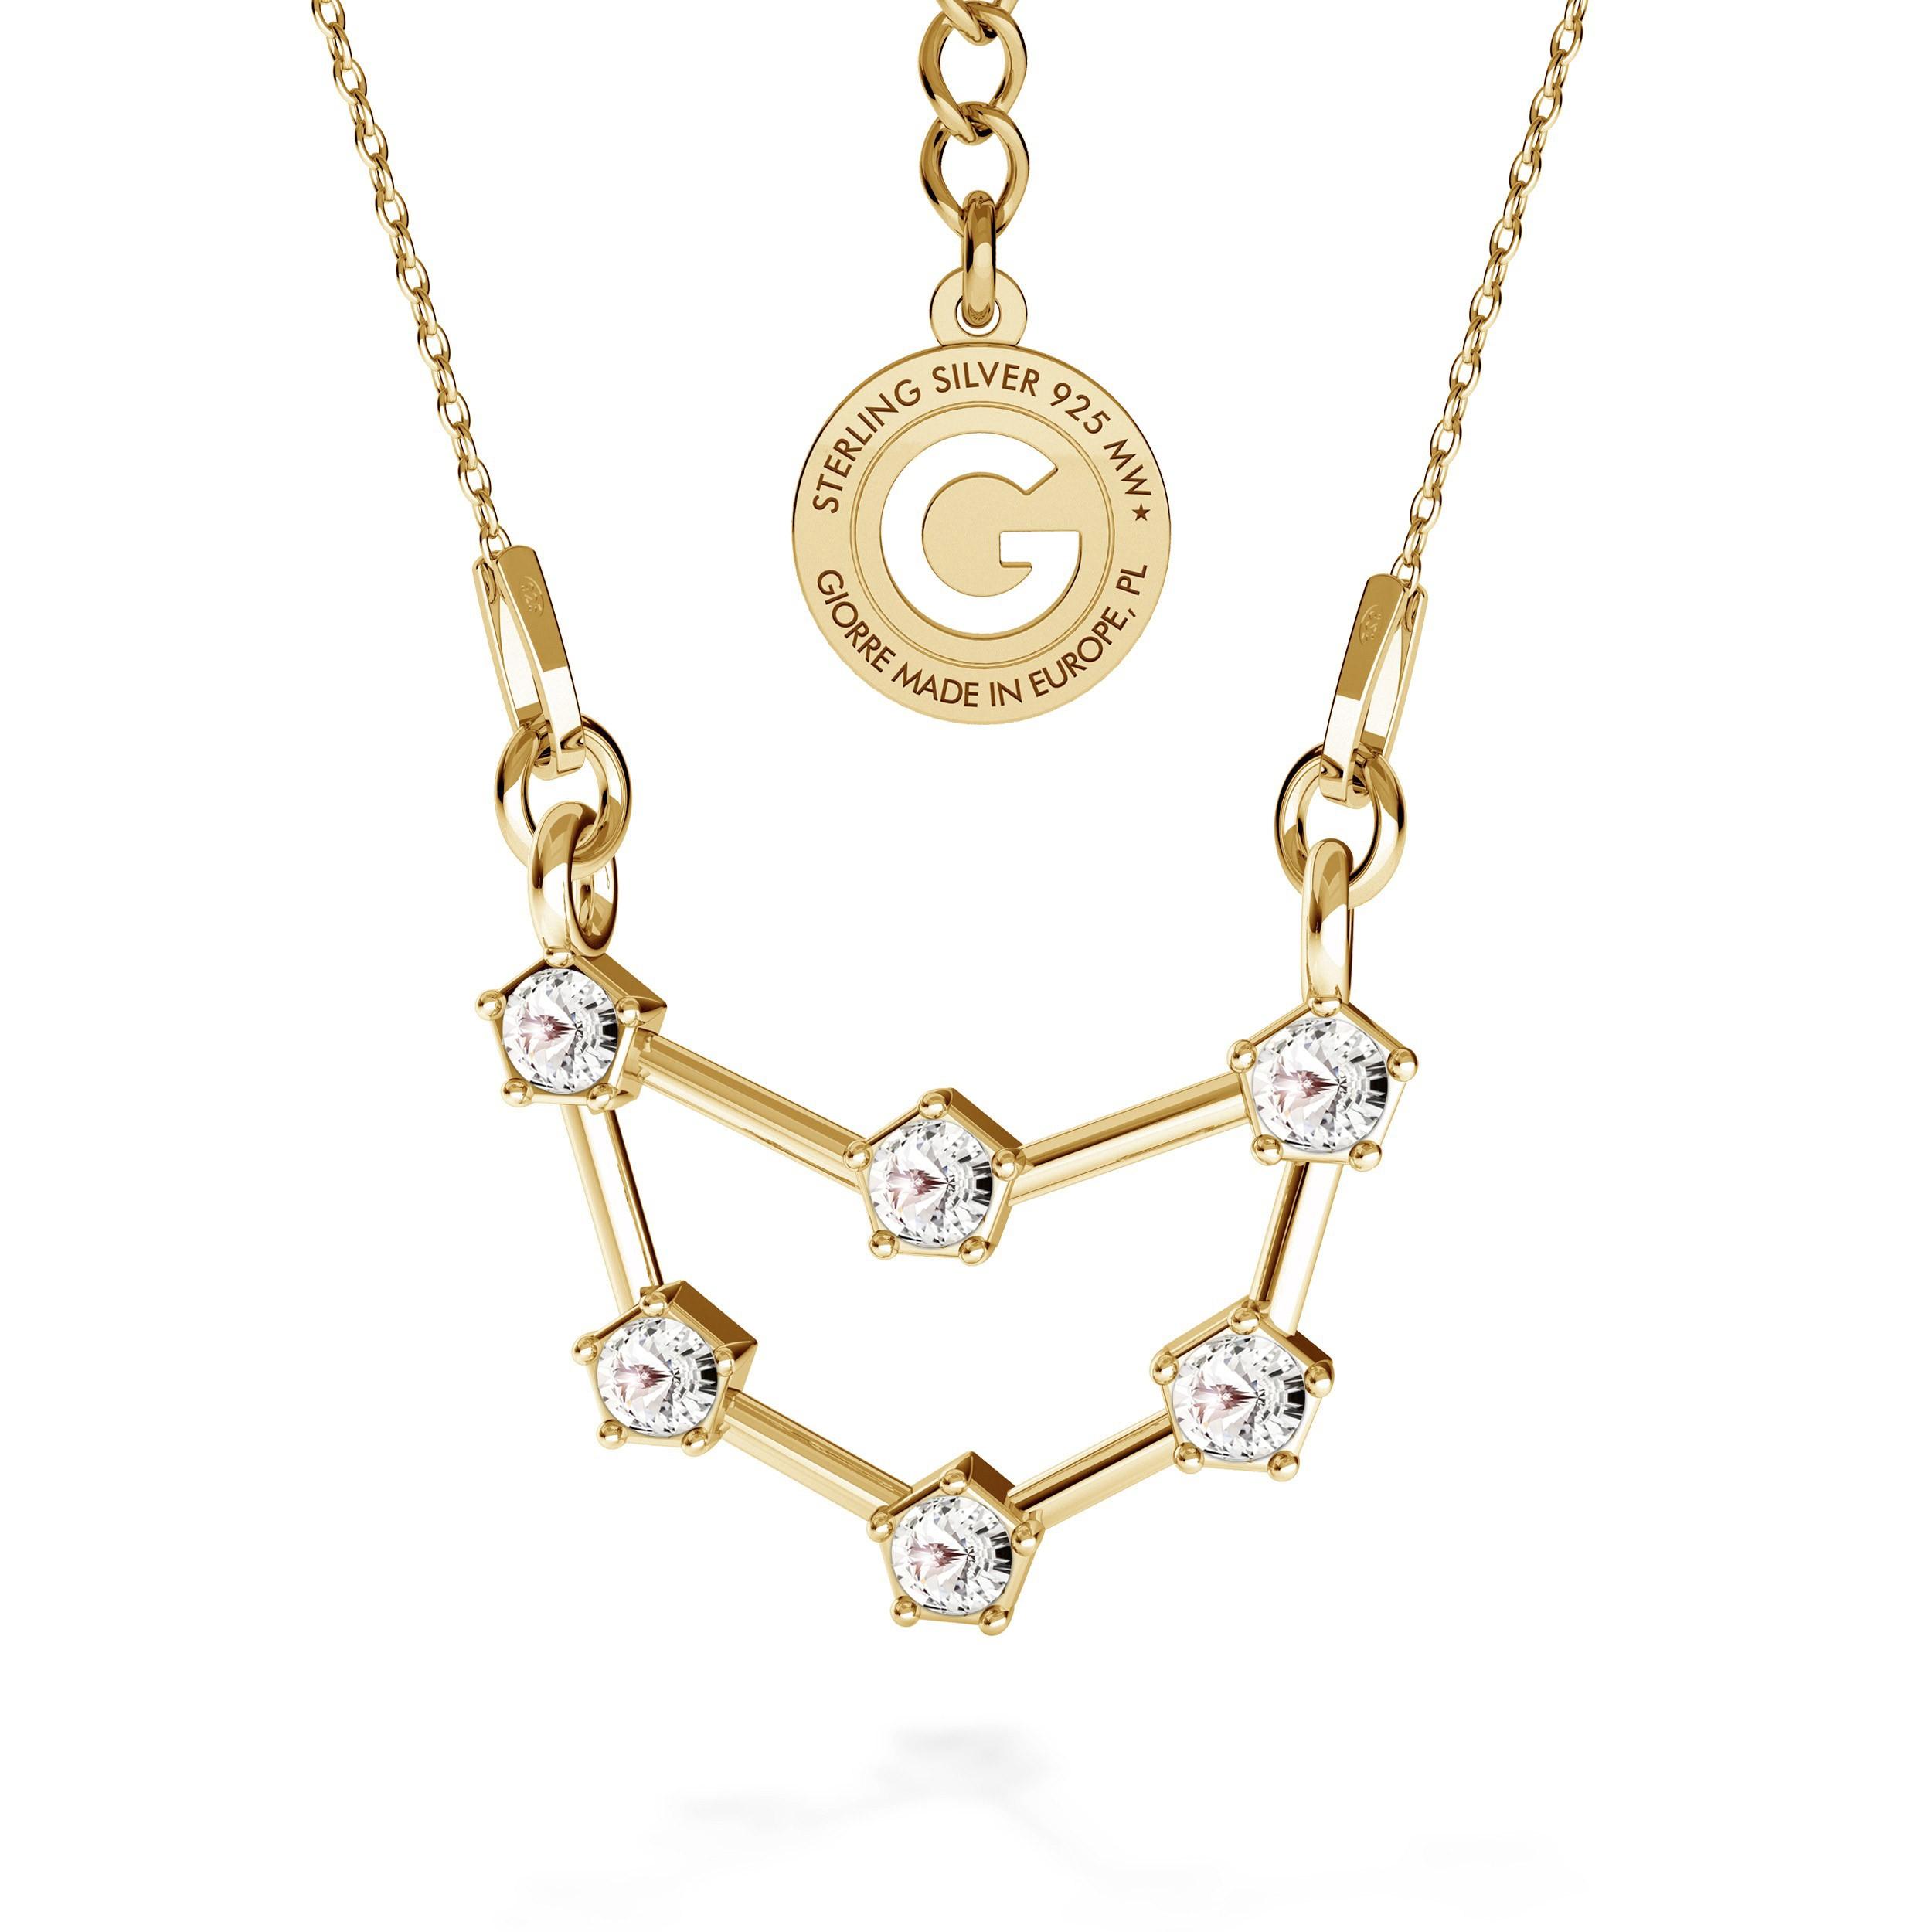 KOZIOROŻEC srebrny naszyjnik zodiak z kryształami Swarovskiego 925